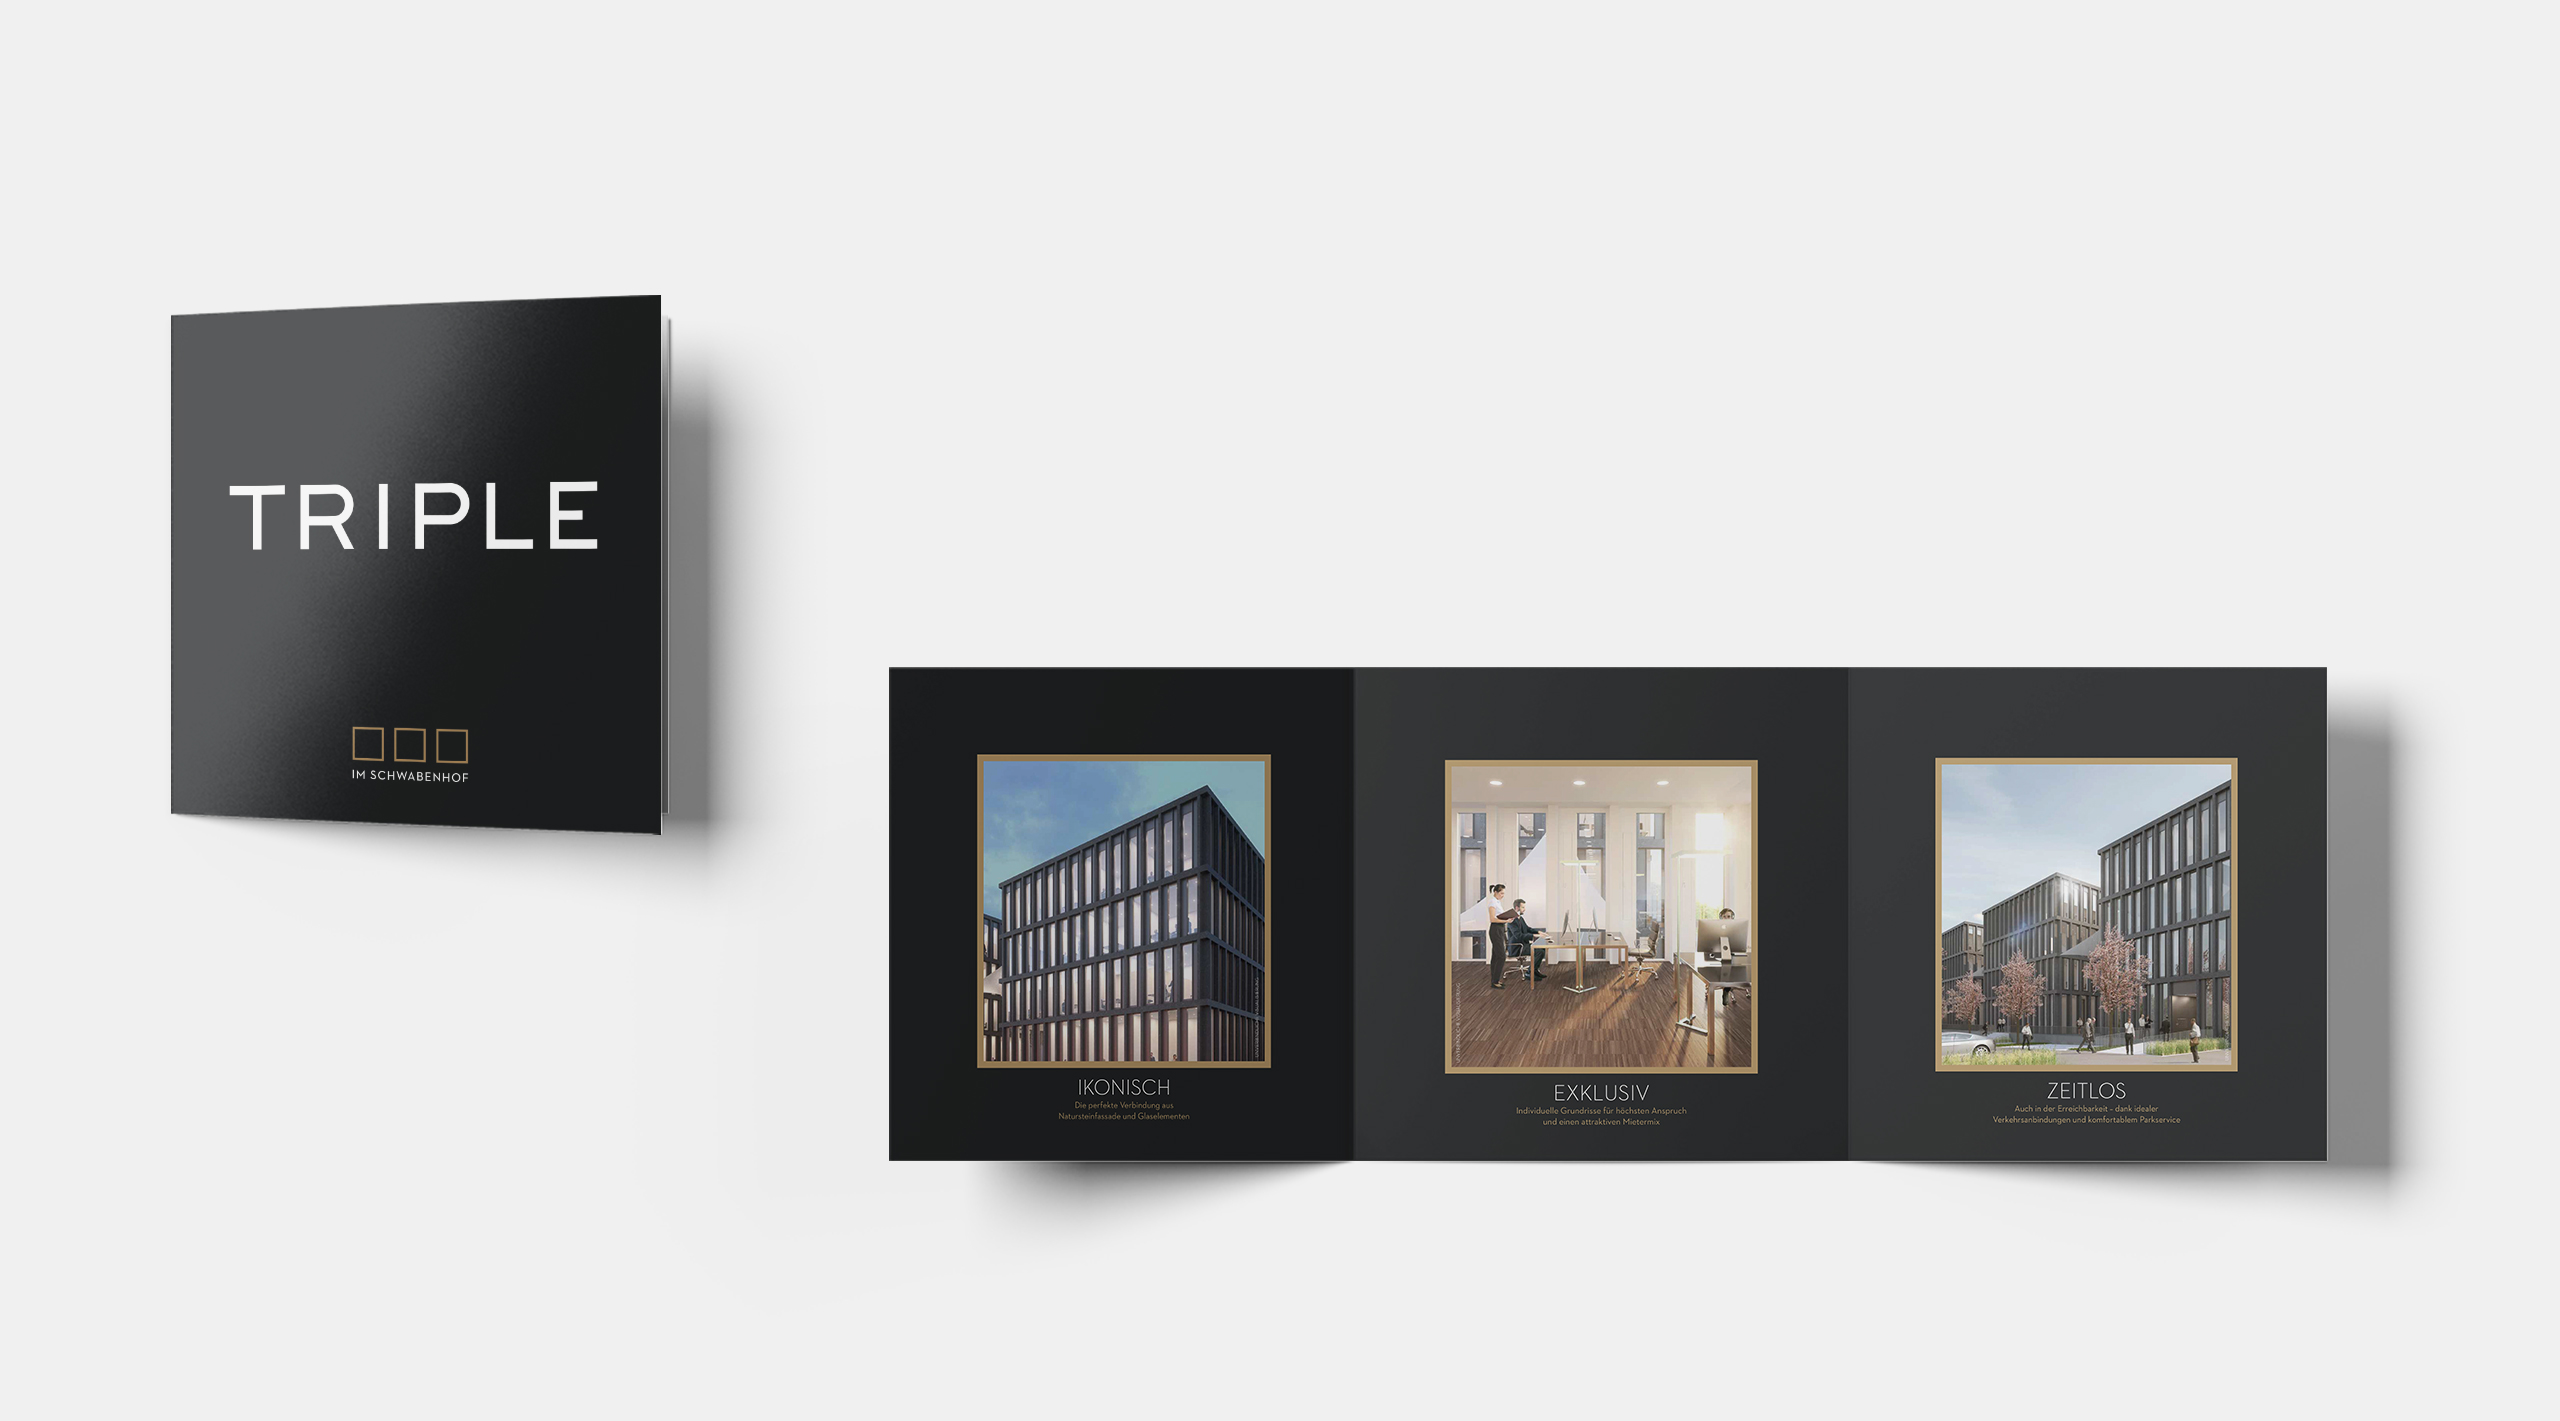 Triple Print Flyer Ikonisch Exklusiv Zeitlos